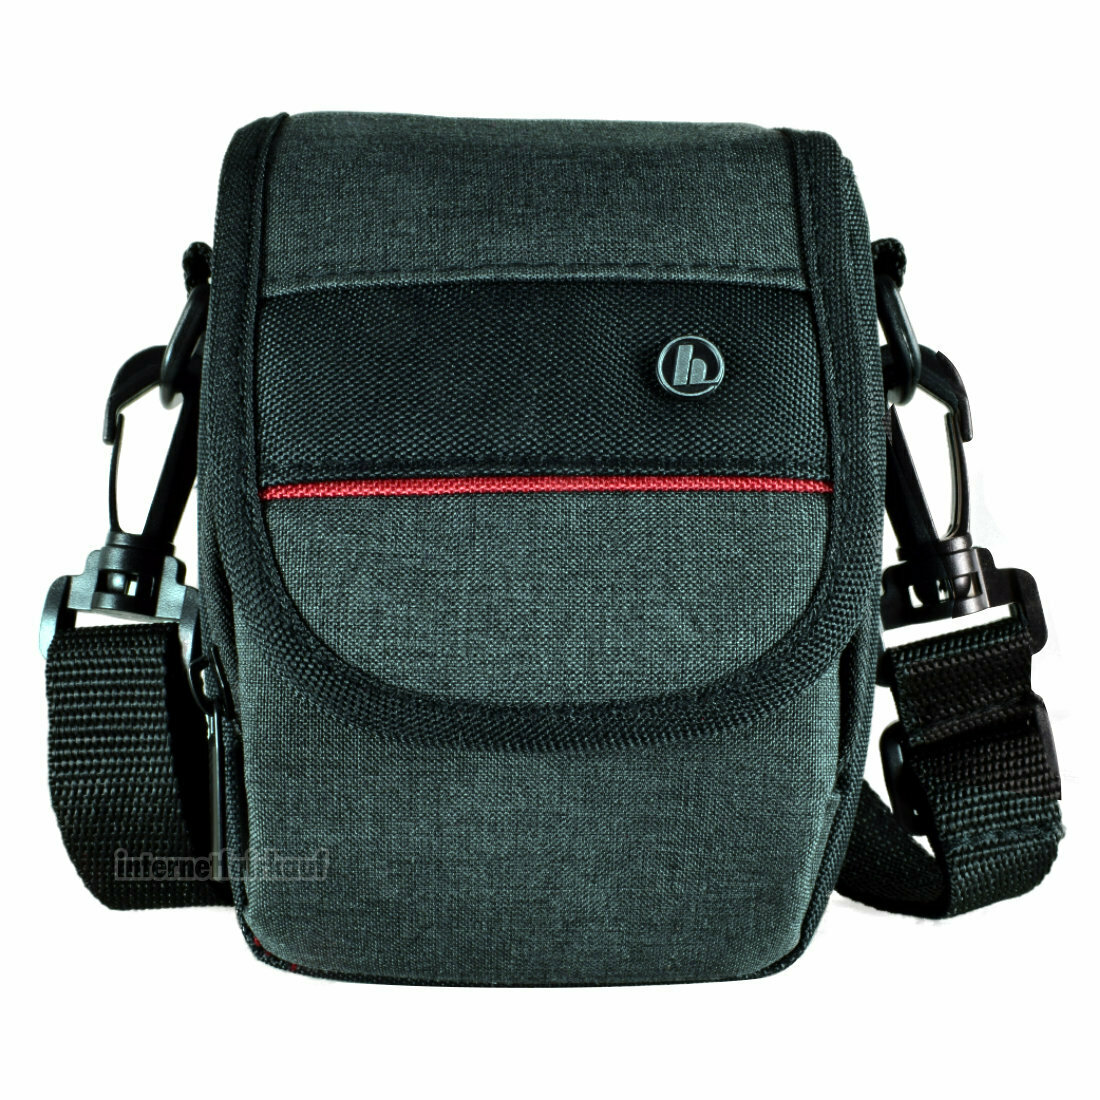 Kameratasche passend für Canon PowerShot SX400 IS SX410 IS SX420 IS